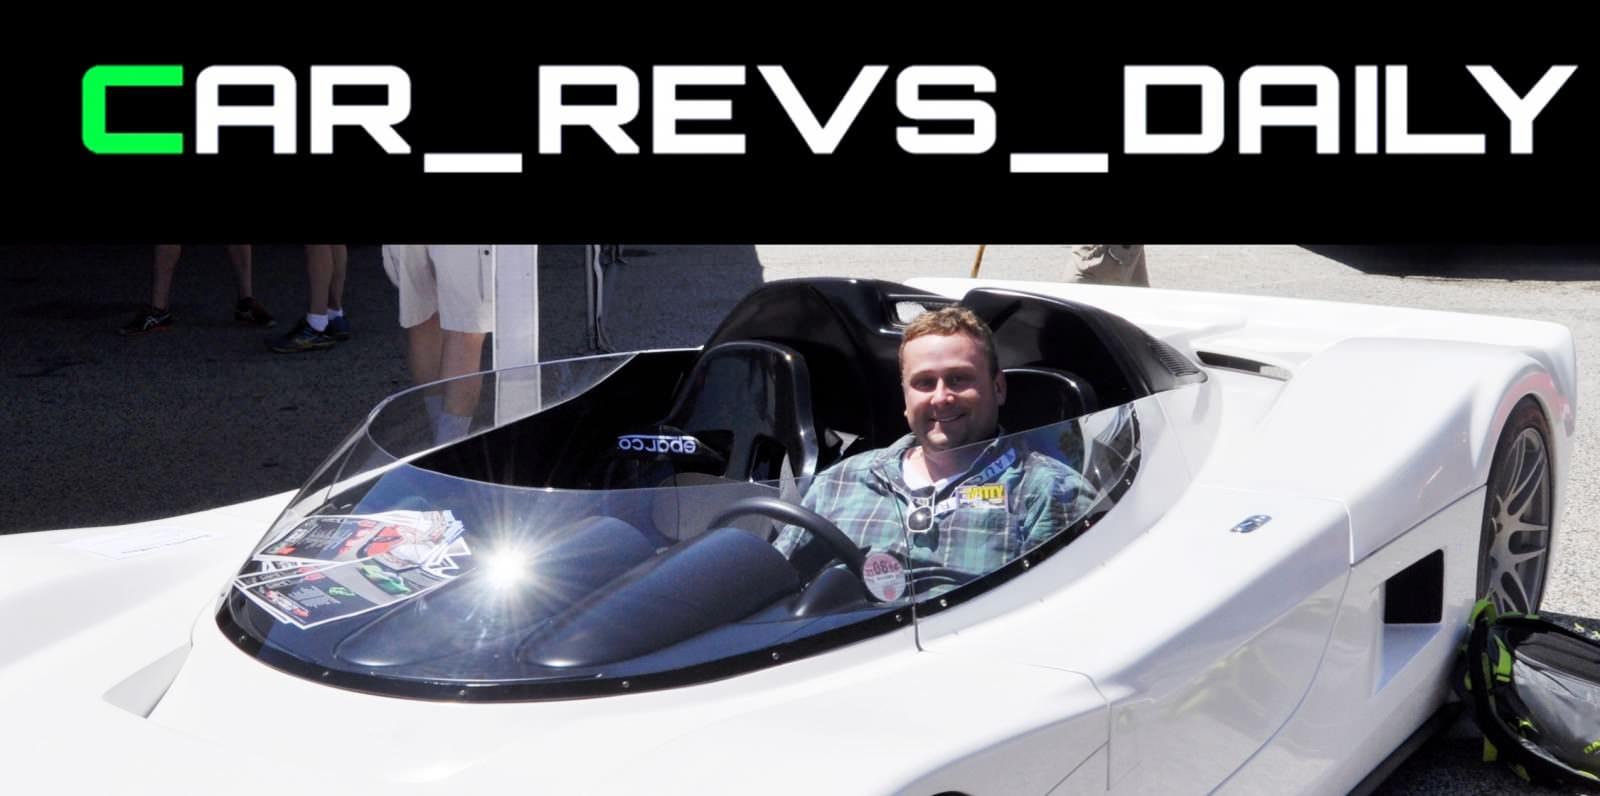 Car-Revs-Daily-BackGround-Sponsor-Sheet-tom-at-car-5251-vertdsavb